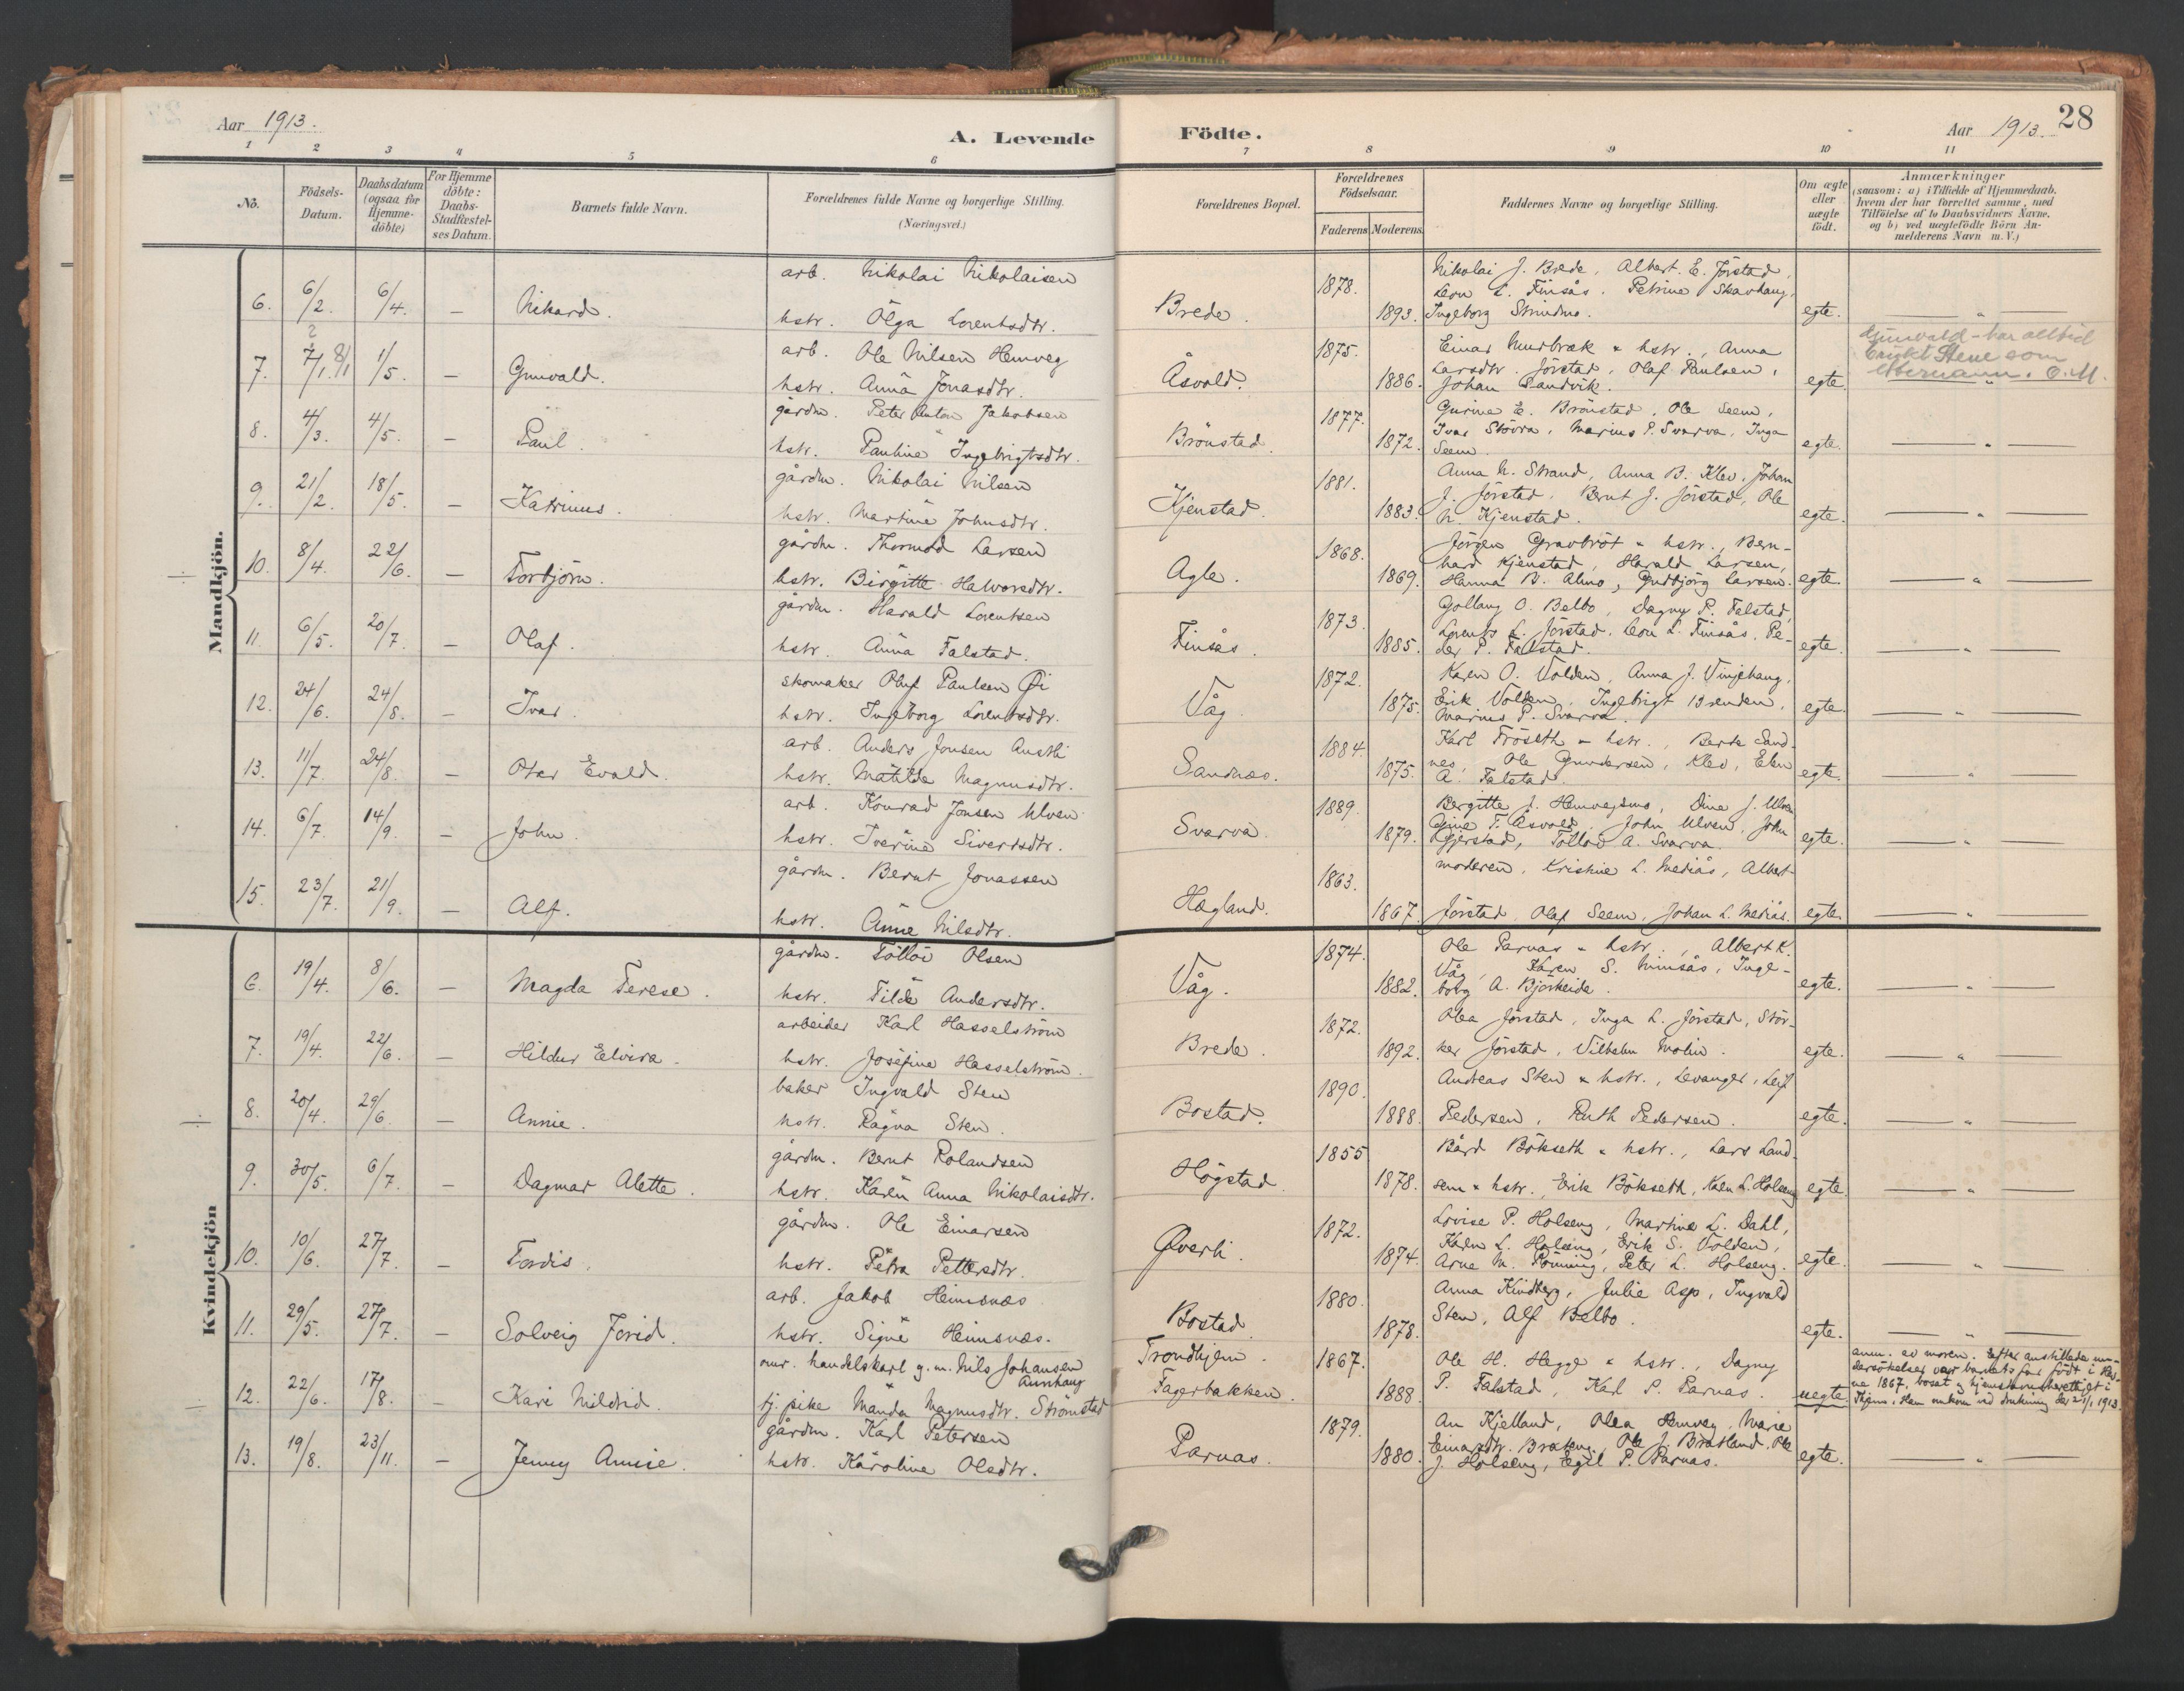 SAT, Ministerialprotokoller, klokkerbøker og fødselsregistre - Nord-Trøndelag, 749/L0477: Ministerialbok nr. 749A11, 1902-1927, s. 28